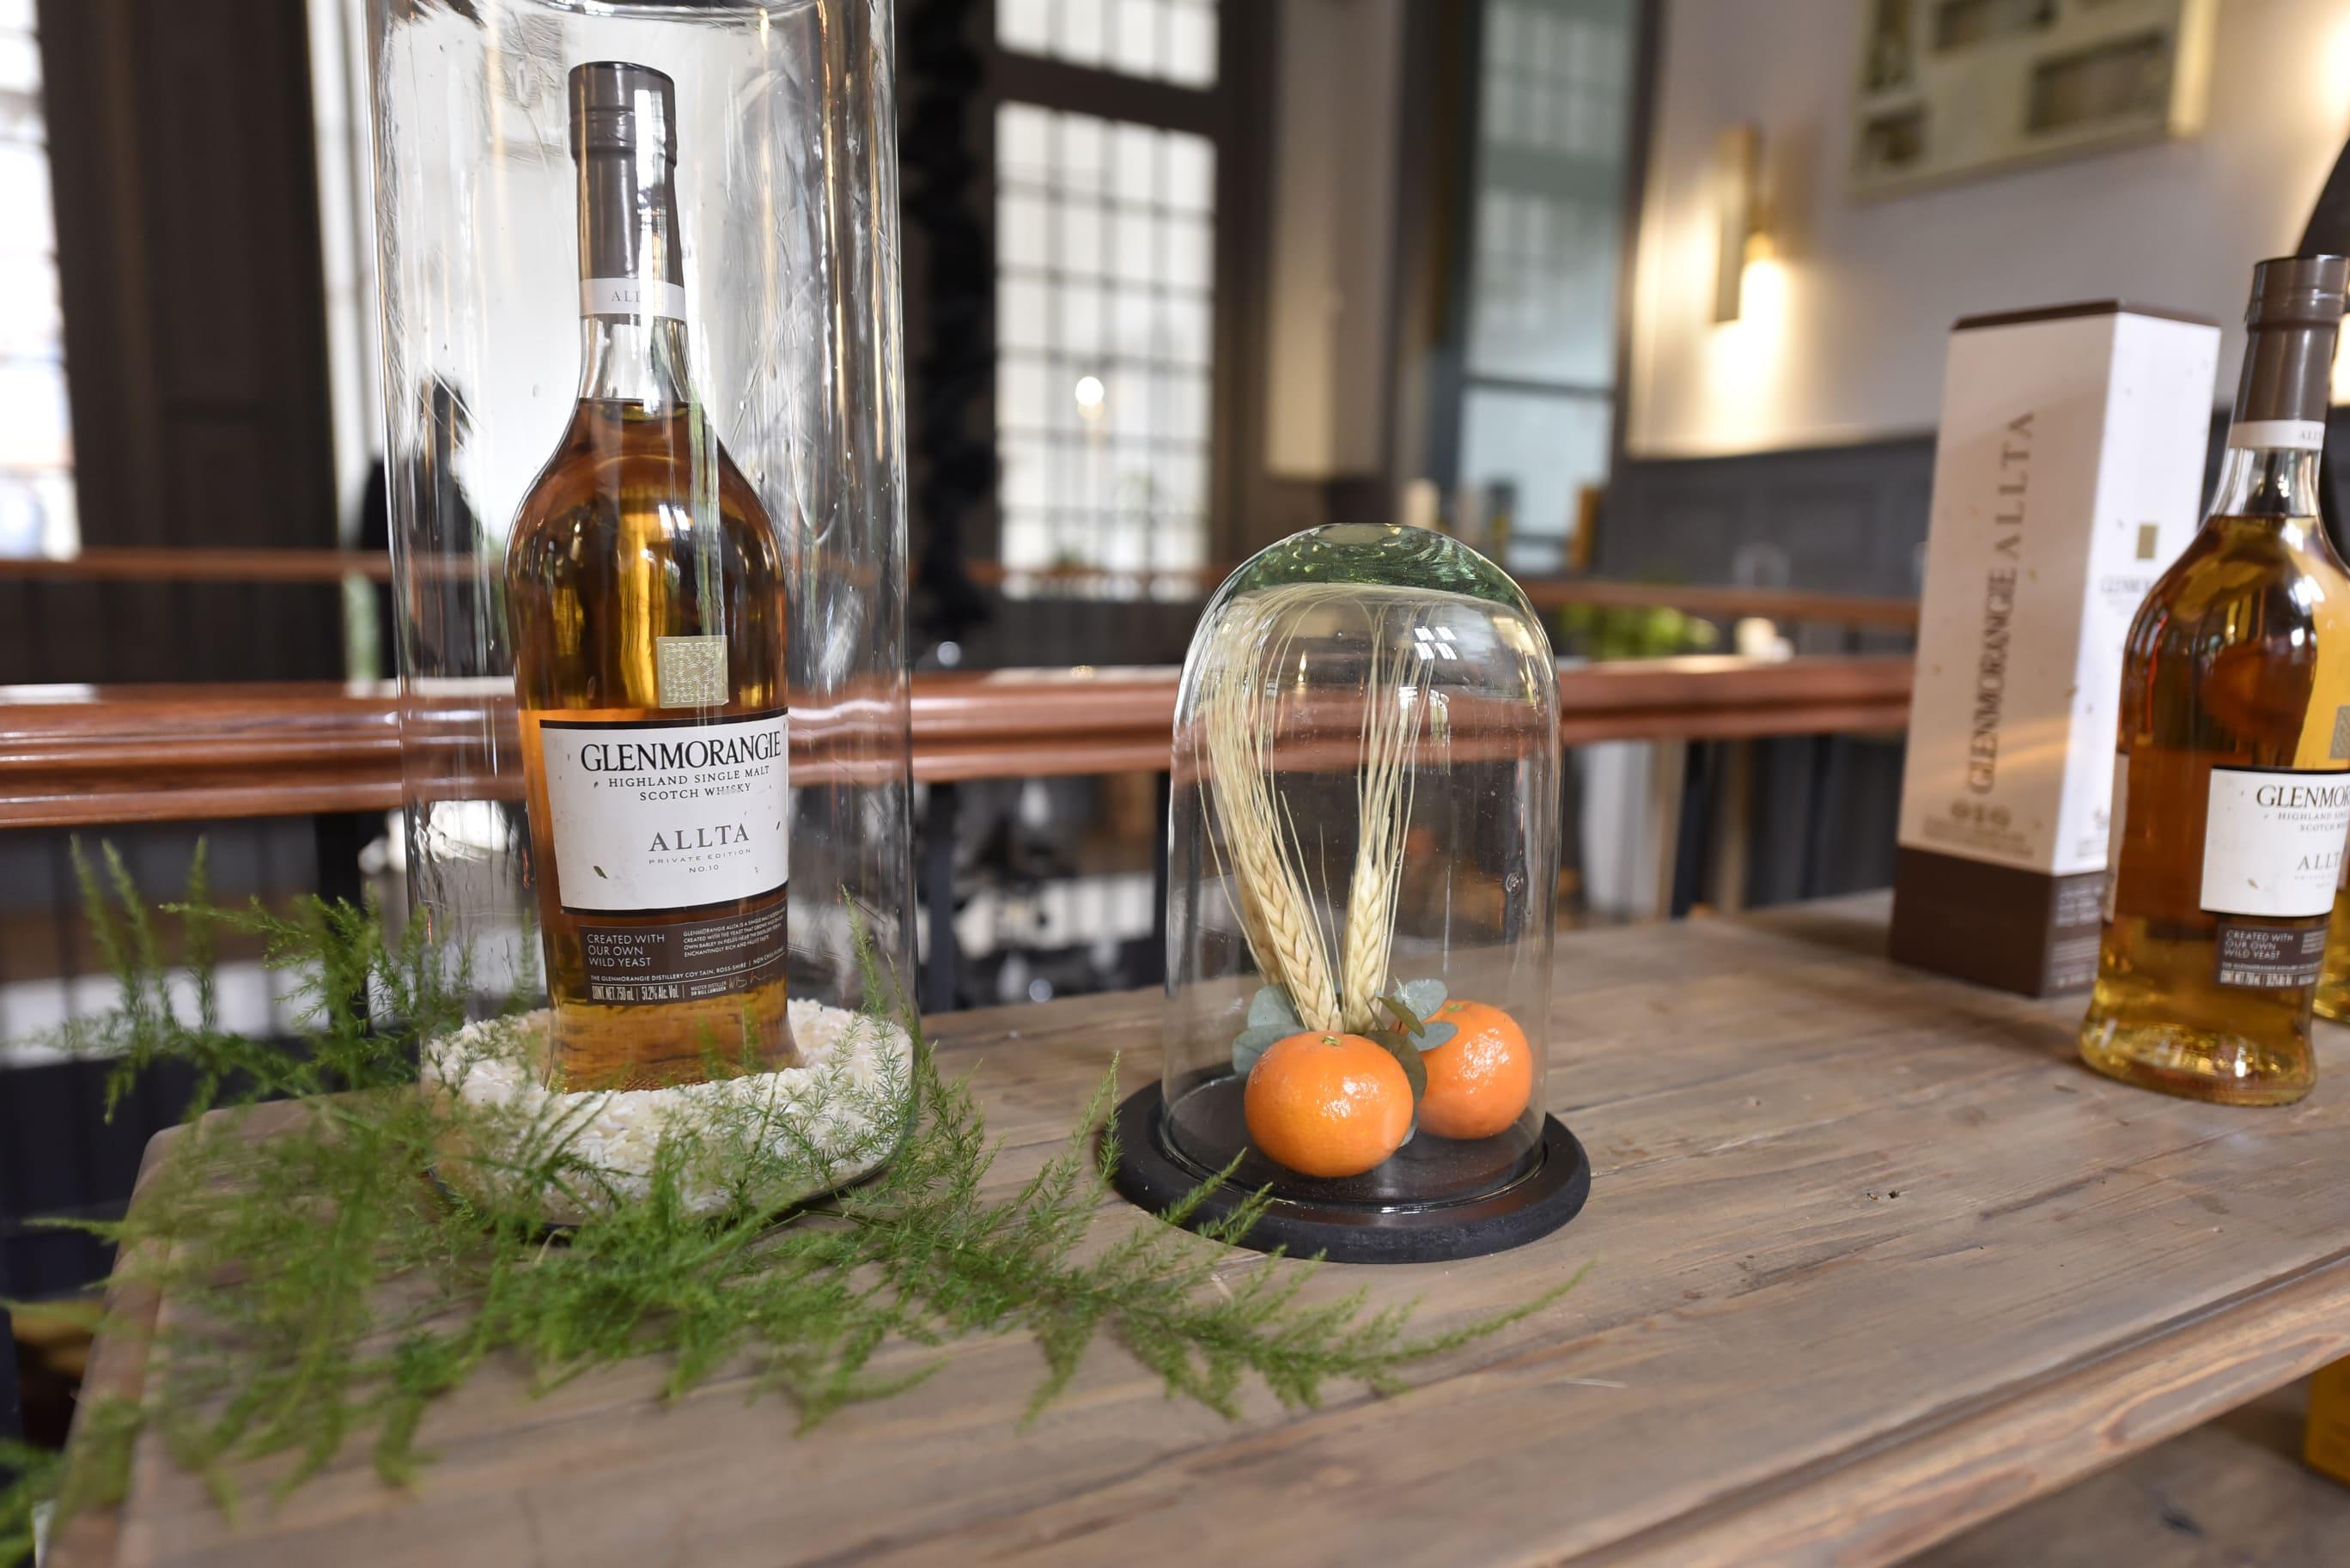 botella de whisky un refractaria con naranjas